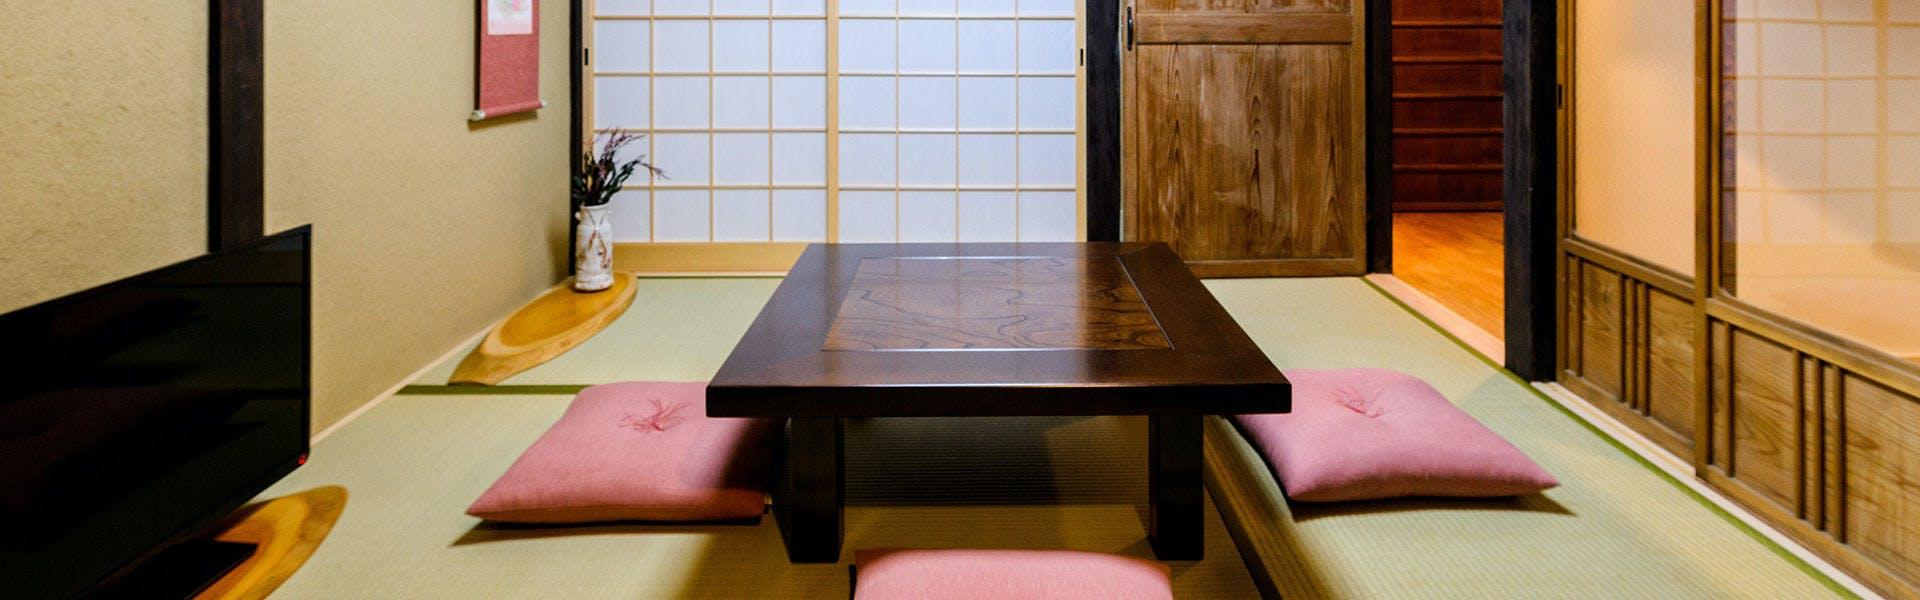 京宿庵 なでしこ白川 客室3